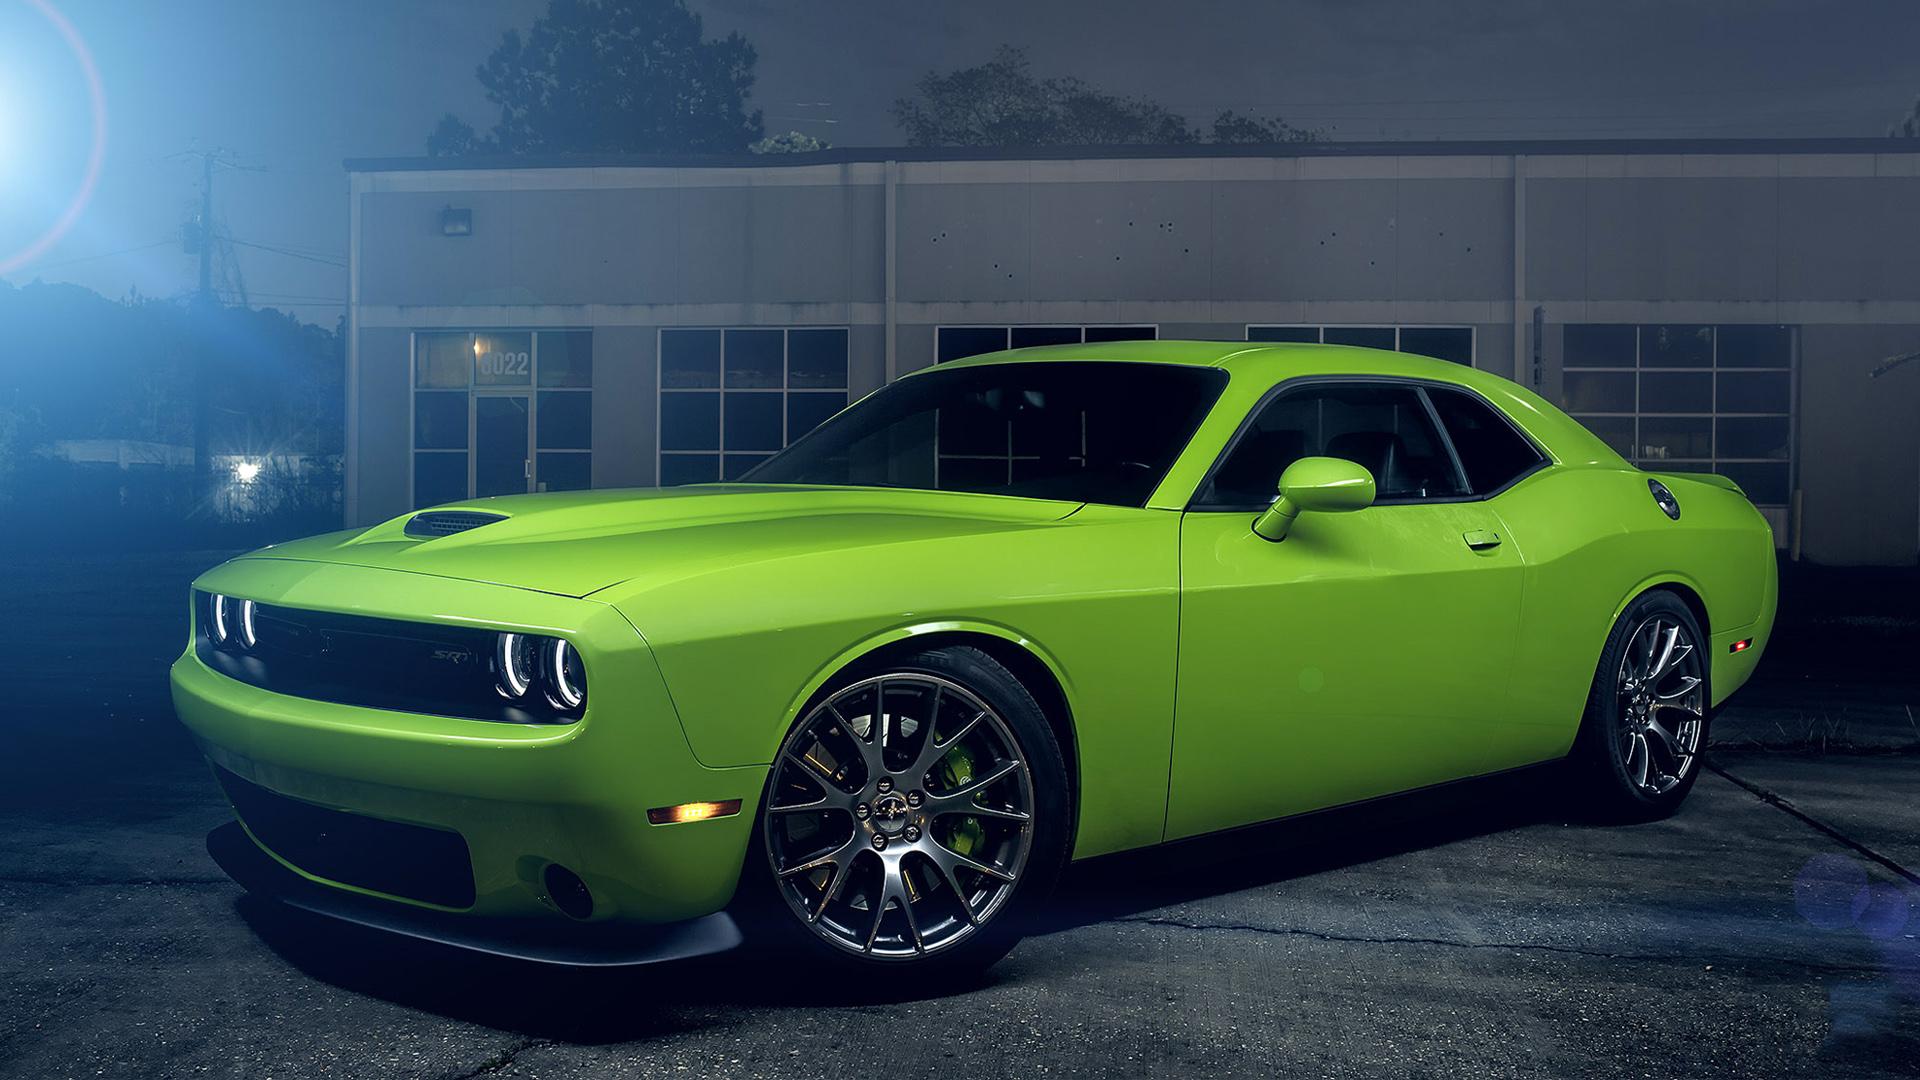 dodge challenger srt hellcat green wallpaper | hd car wallpapers